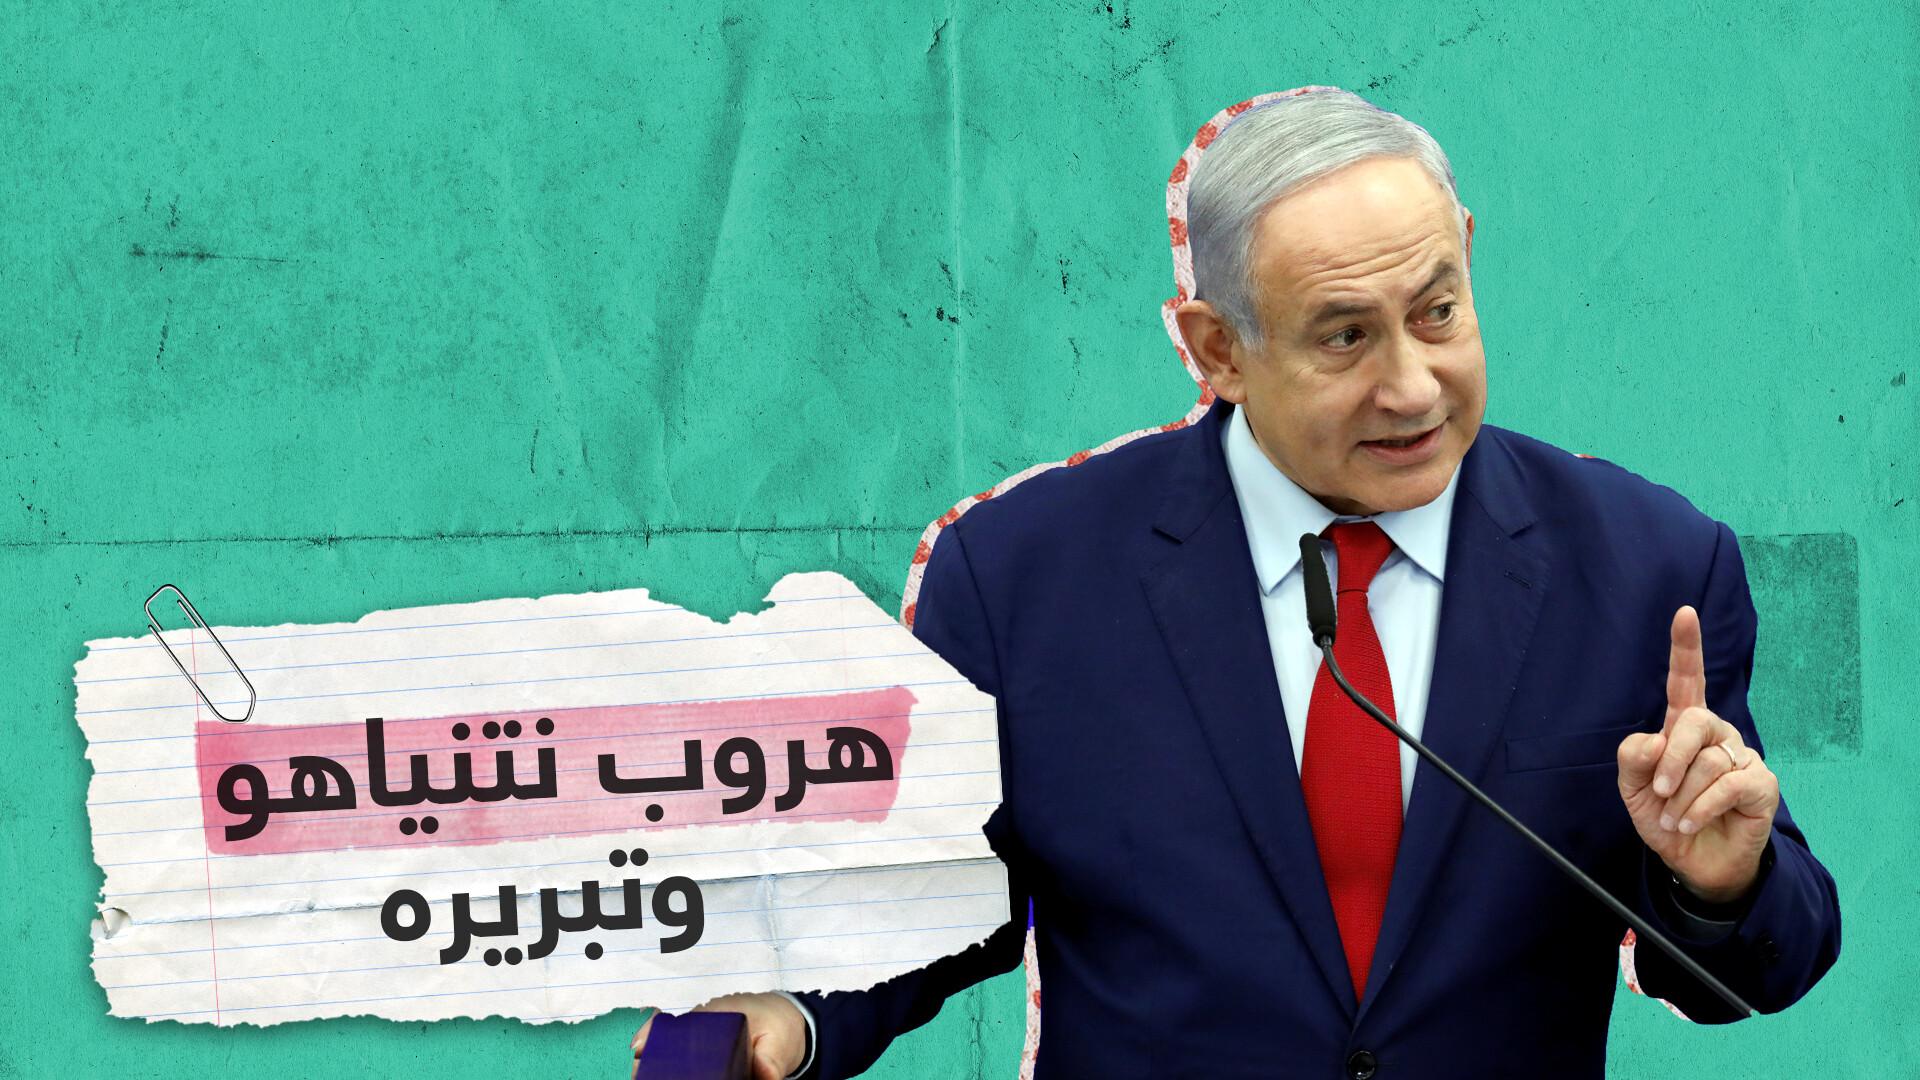 لماذا هرب نتنياهو بعد إطلاق الصواريخ الفلسطينية؟